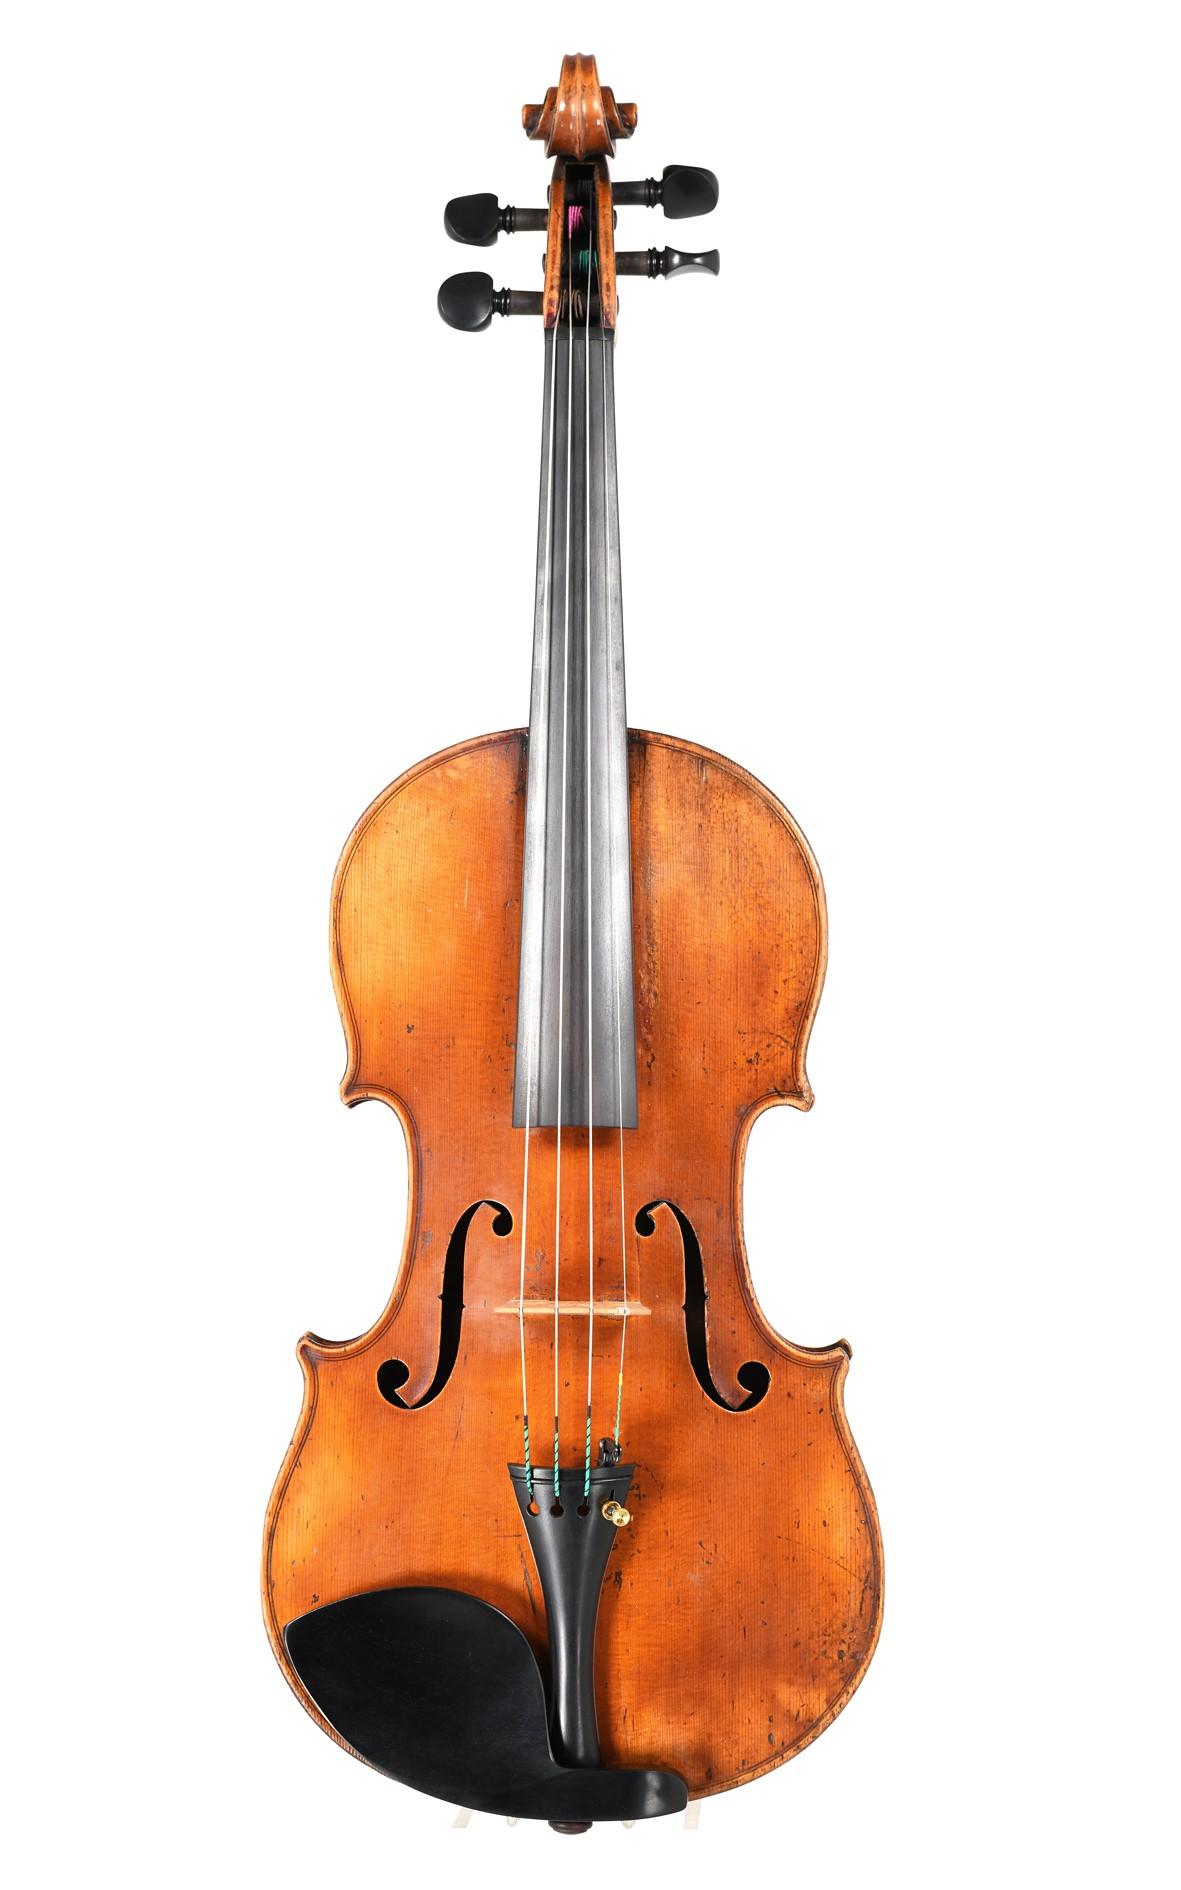 Violin by Jean-Joseph Honoré Derazey